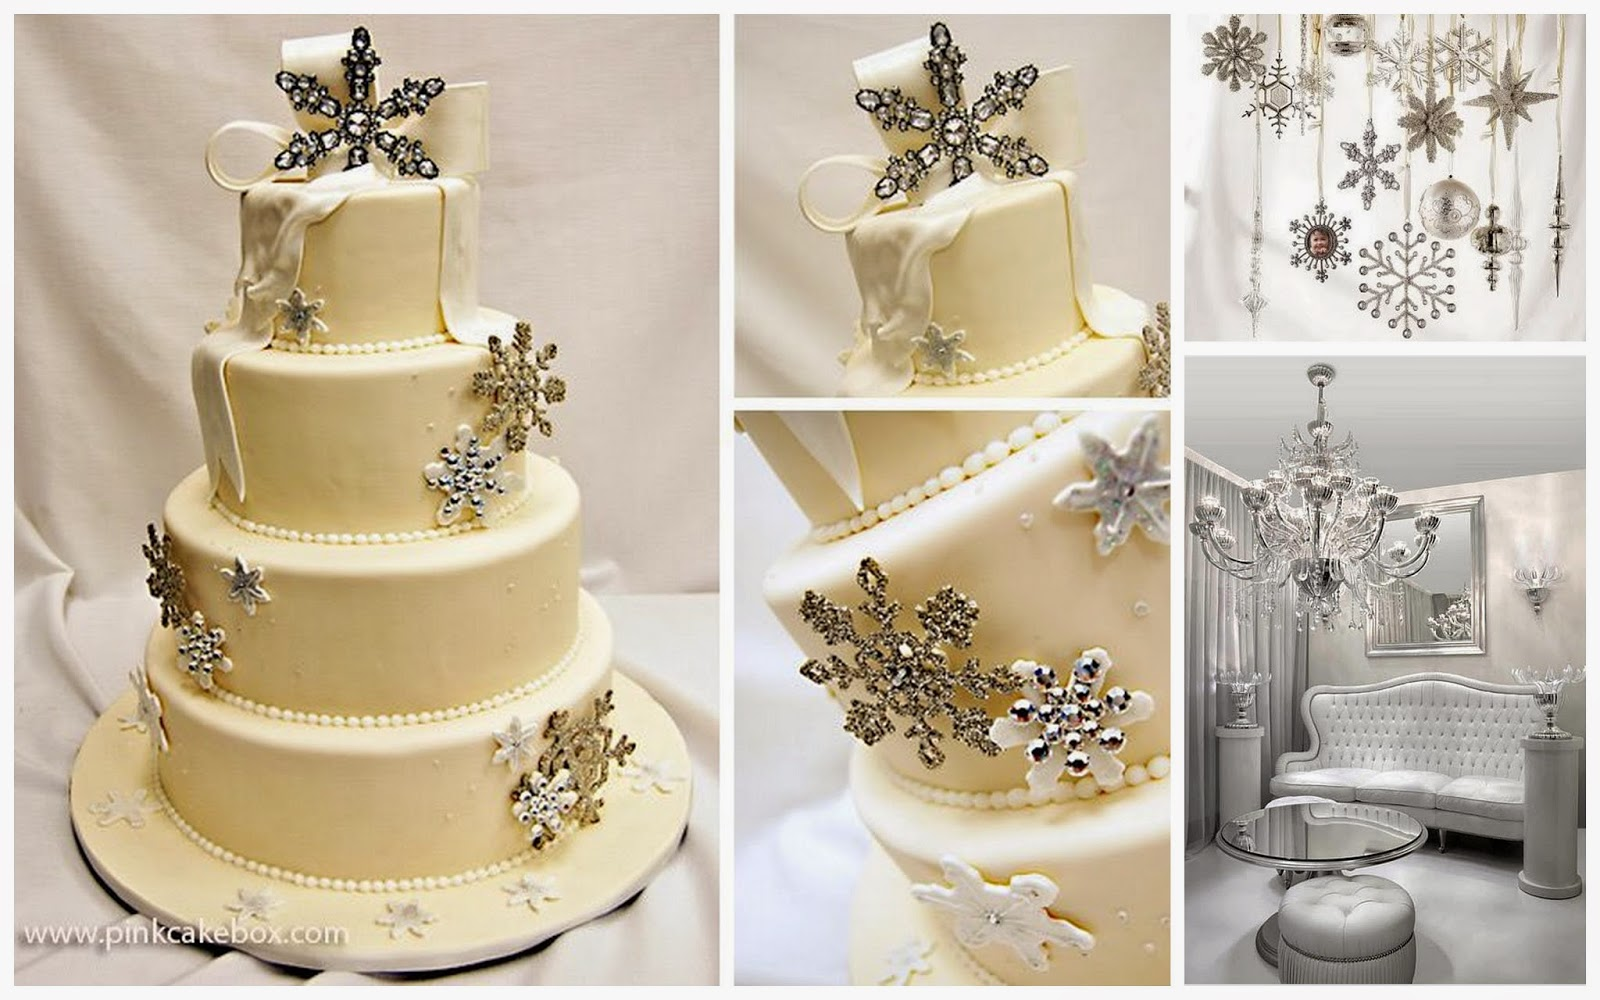 Matrimonio Tema Inverno : Matrimonio invernale sposarsi in inverno idee e